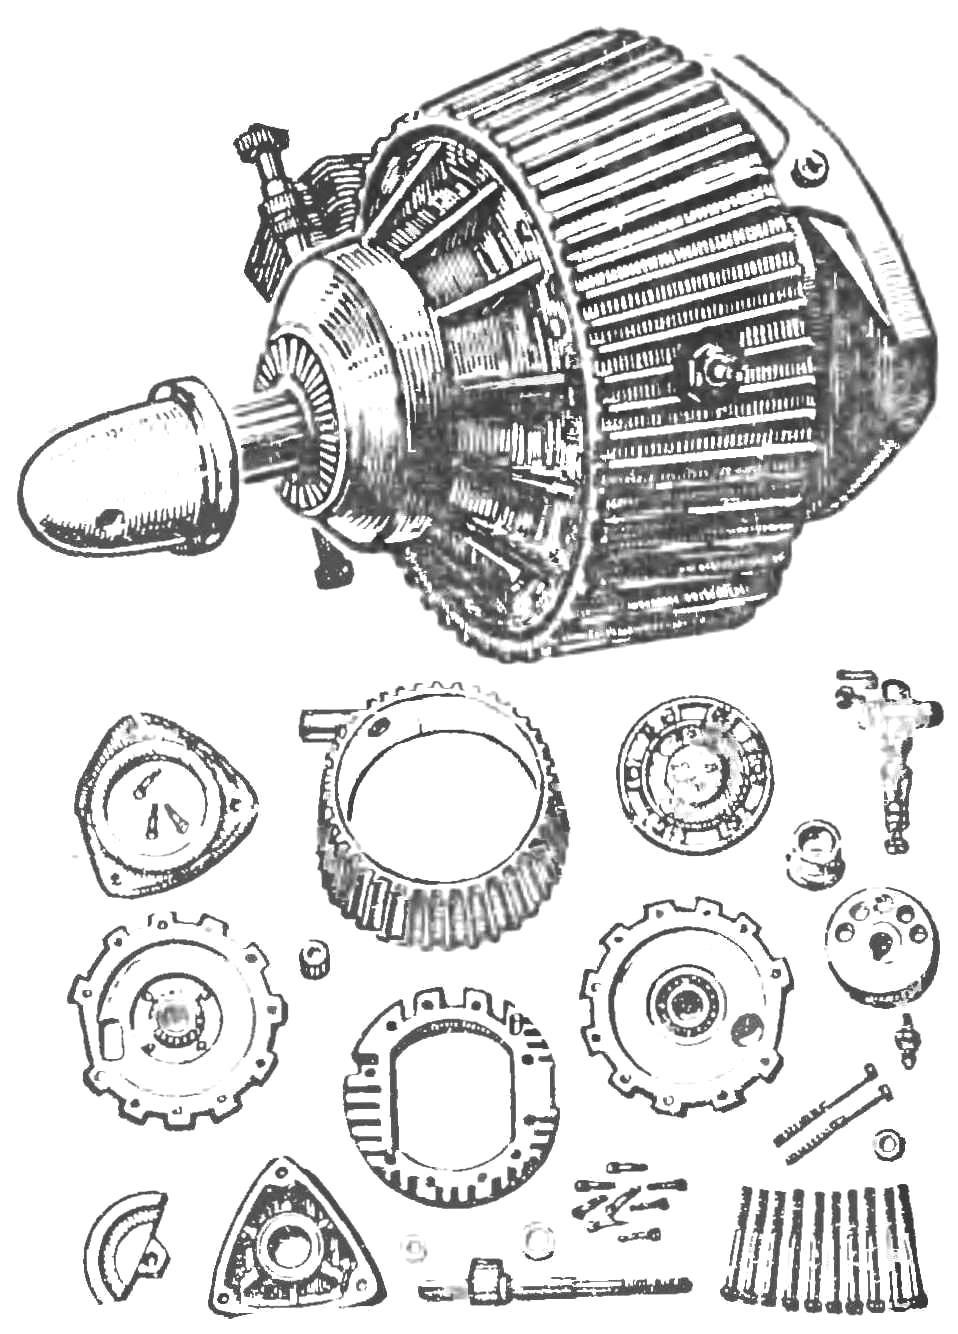 Рис. 1. Общий вид нового микрованкеля «ОСТраупнер», объемом 5 см3 и весом 385 г, и отдельные детали